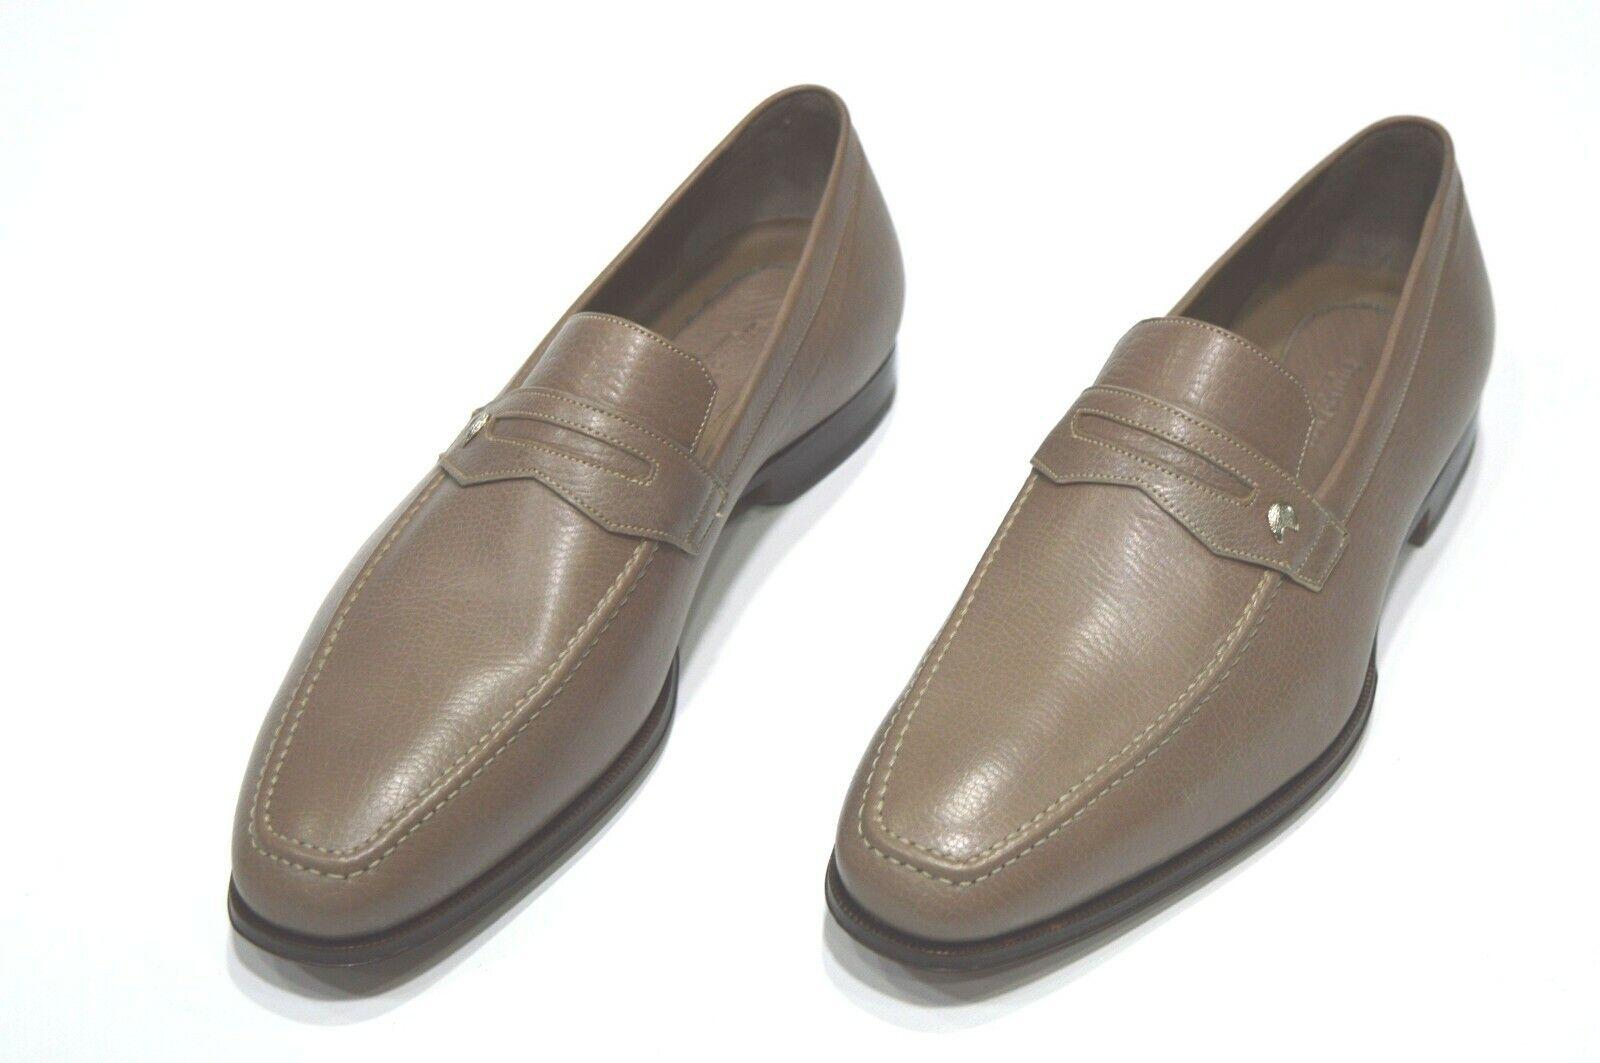 Nuevos Mocasines STEFANO RICCI con el logotipo de Lujo Zapatos Talla nos 9 (S839)